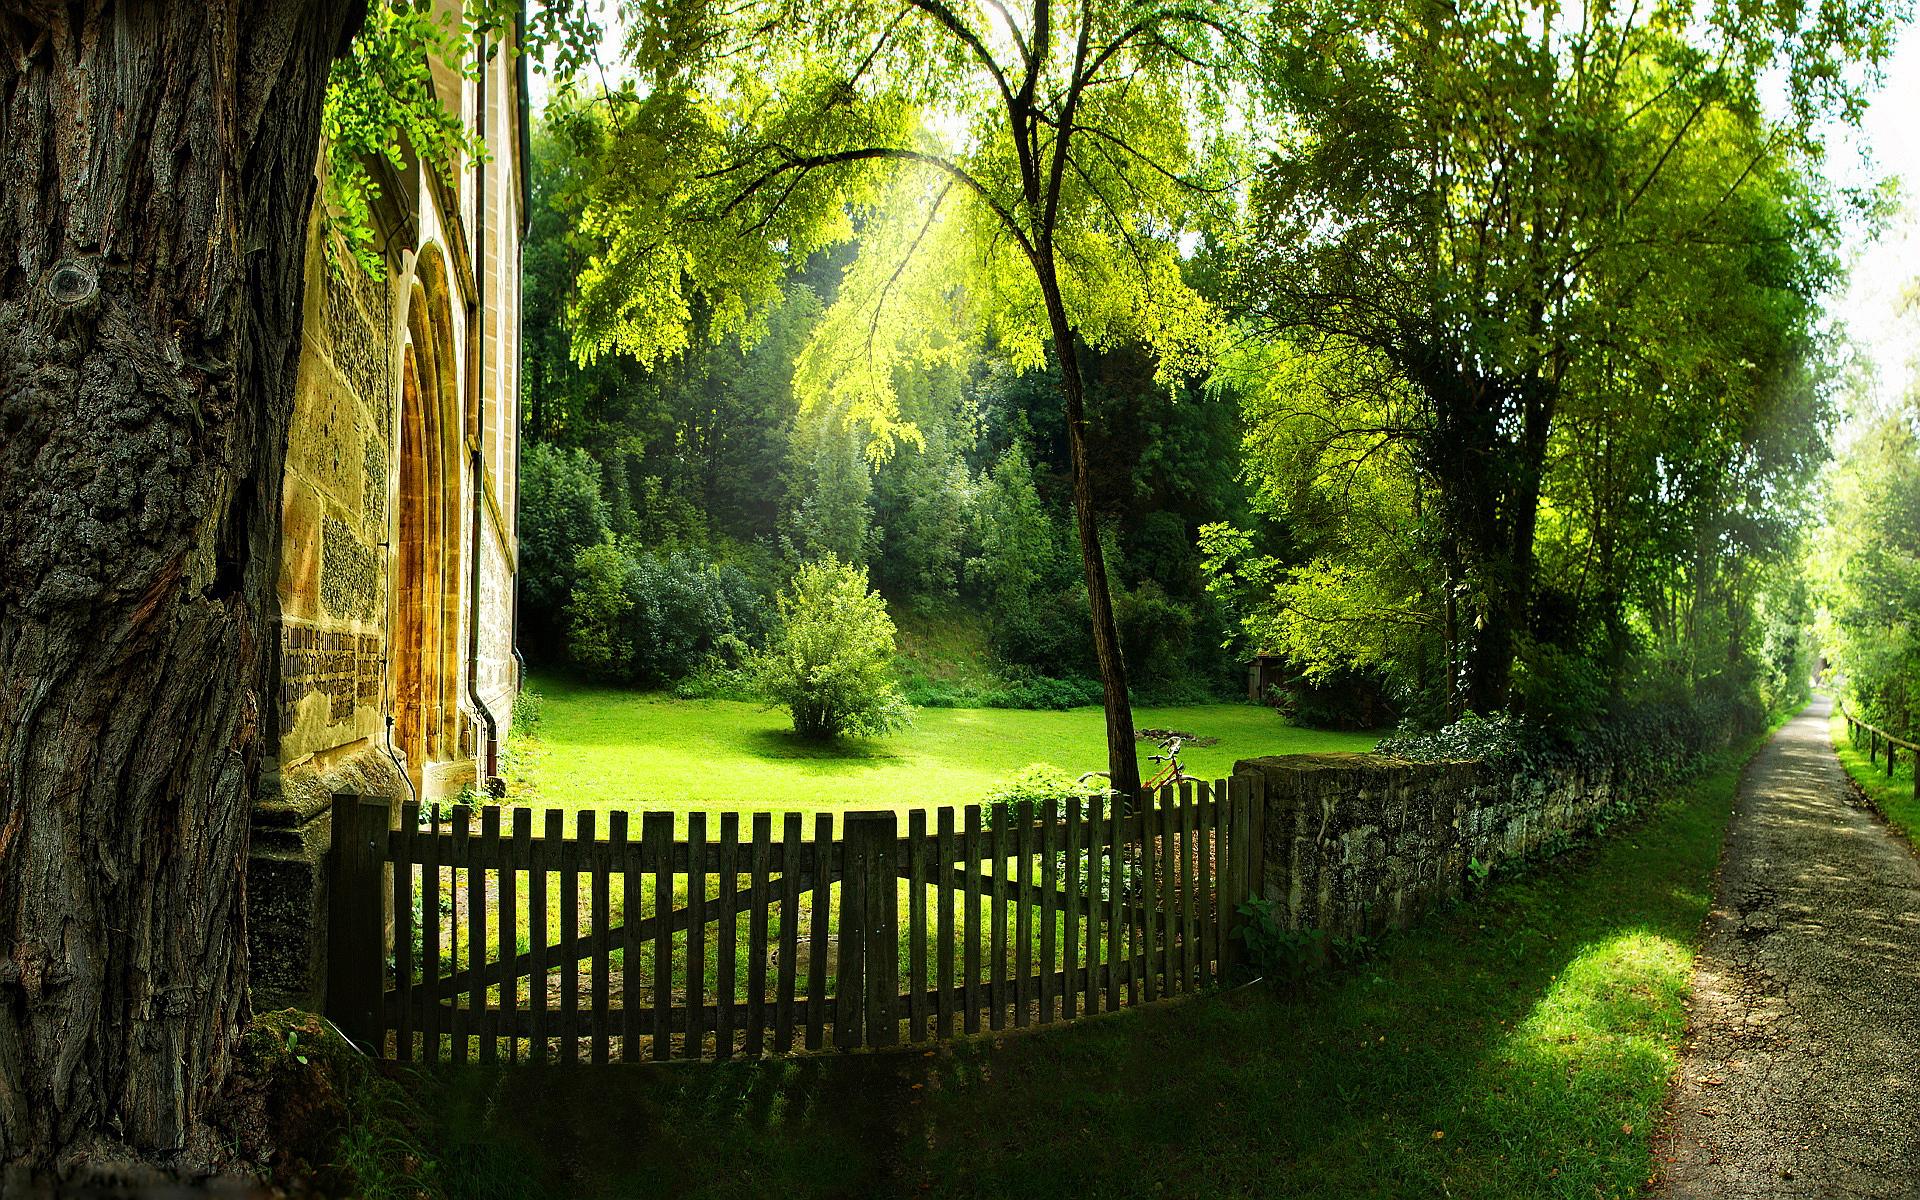 Pathway summer garden